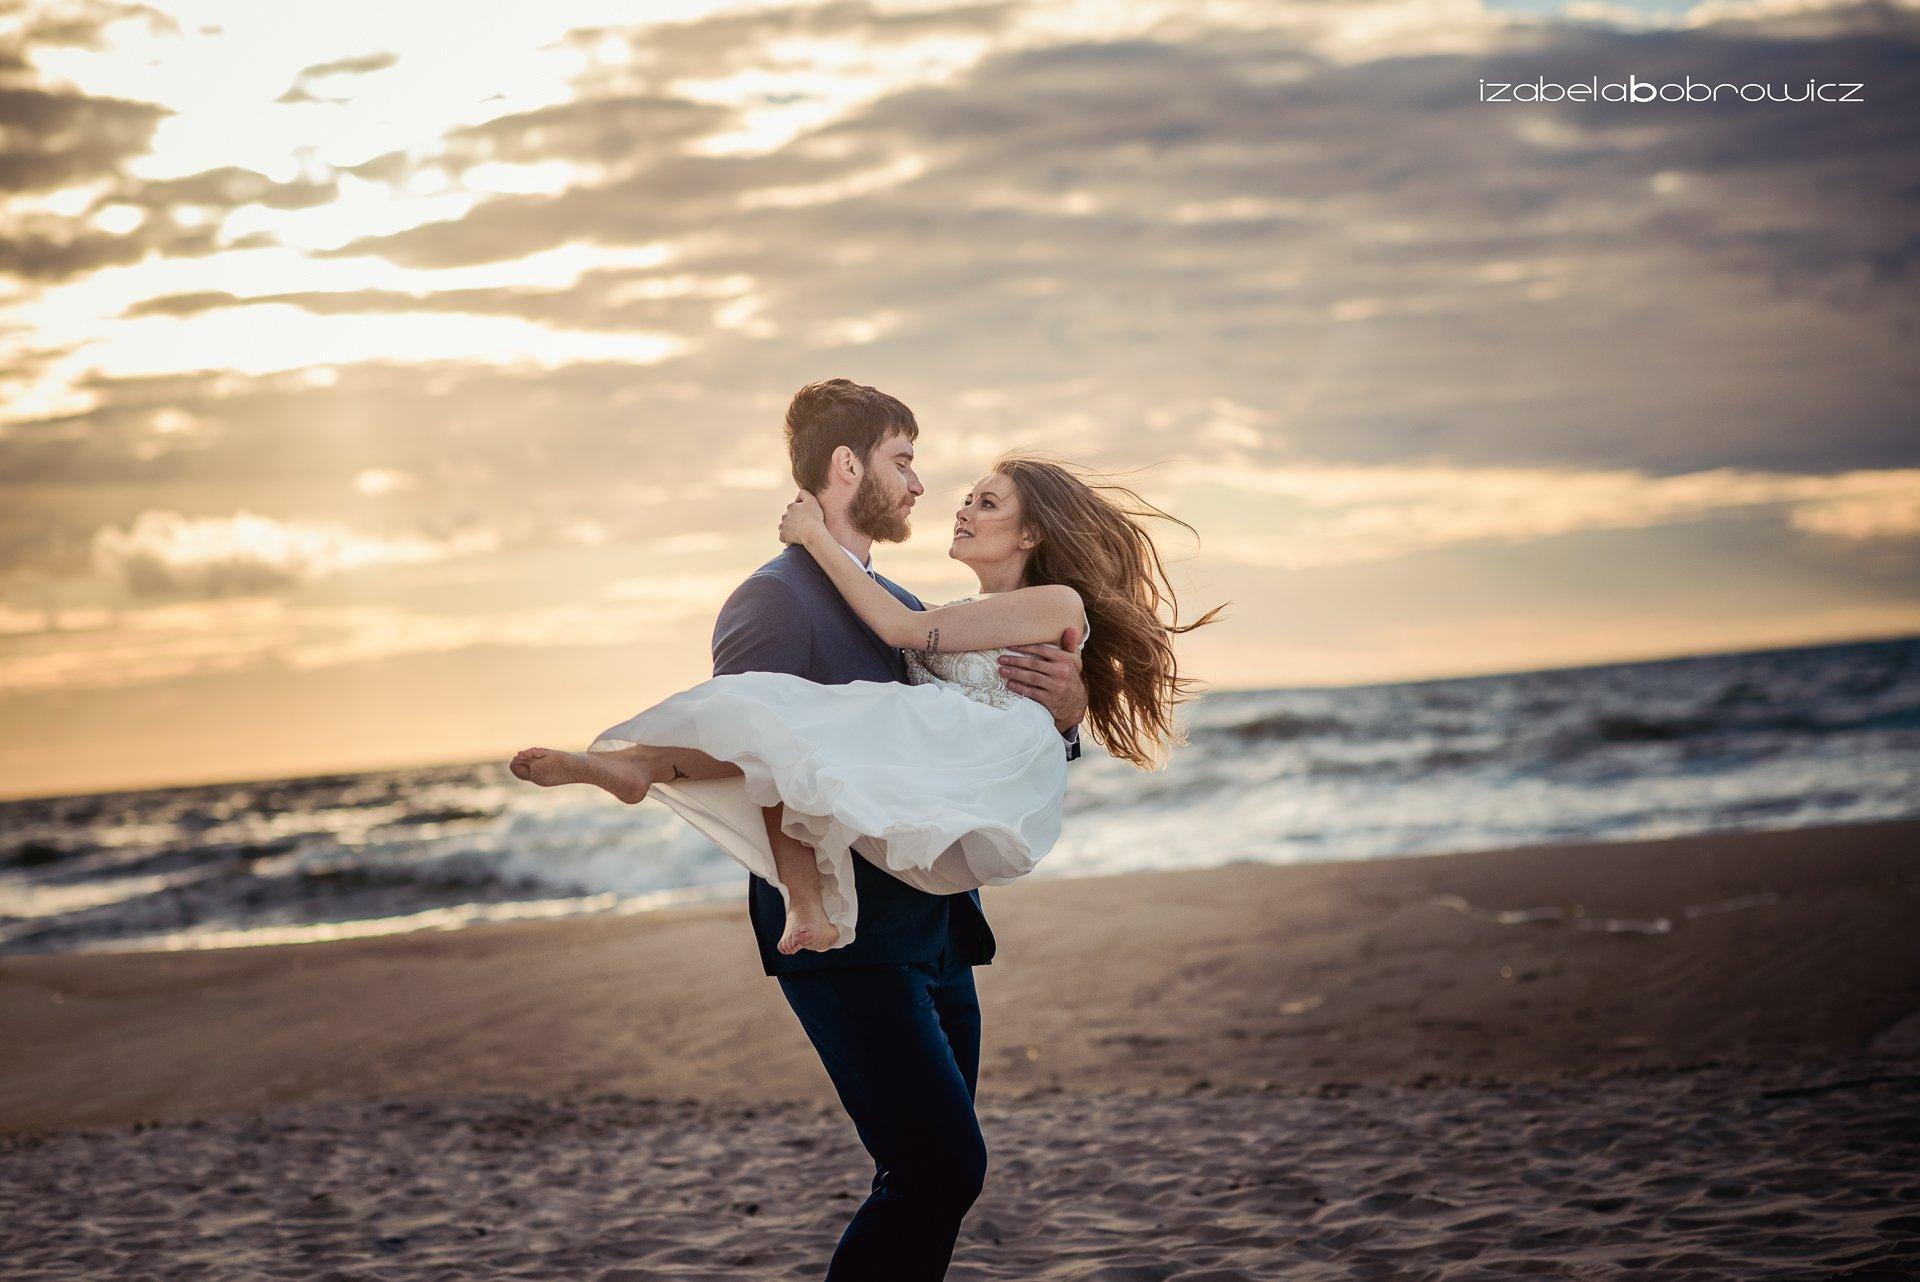 fotograf okazjonalny koszalin fotograf ślubny koszalin sesja plener ślubny koszalin plener nad morzem para młoda nad morzem